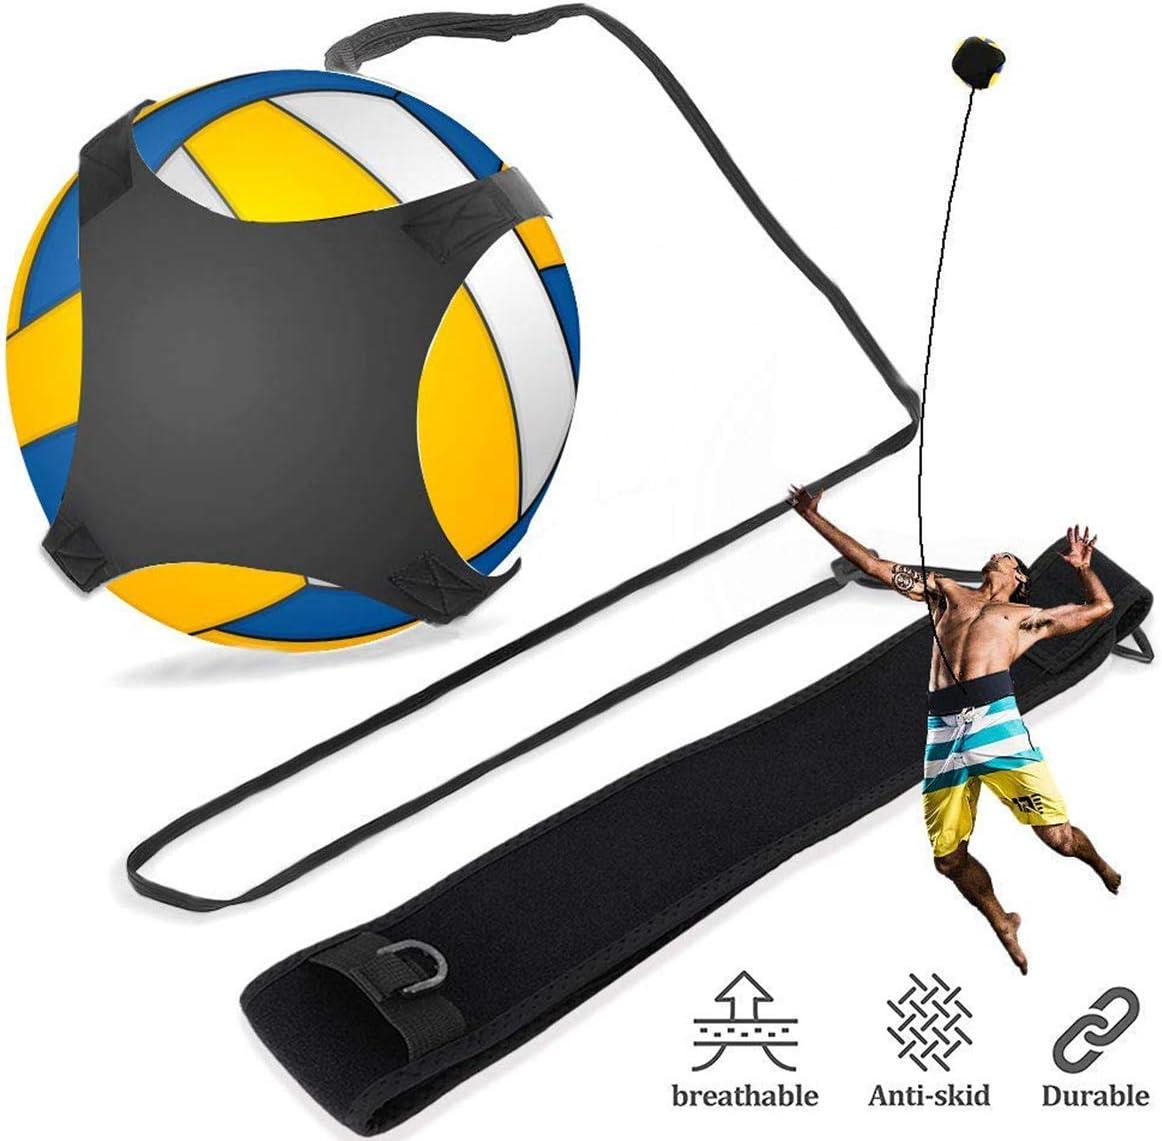 iFCOW Entrenador de f/útbol para entrenamiento de f/útbol con cintur/ón ajustable uso en solitario manos libres